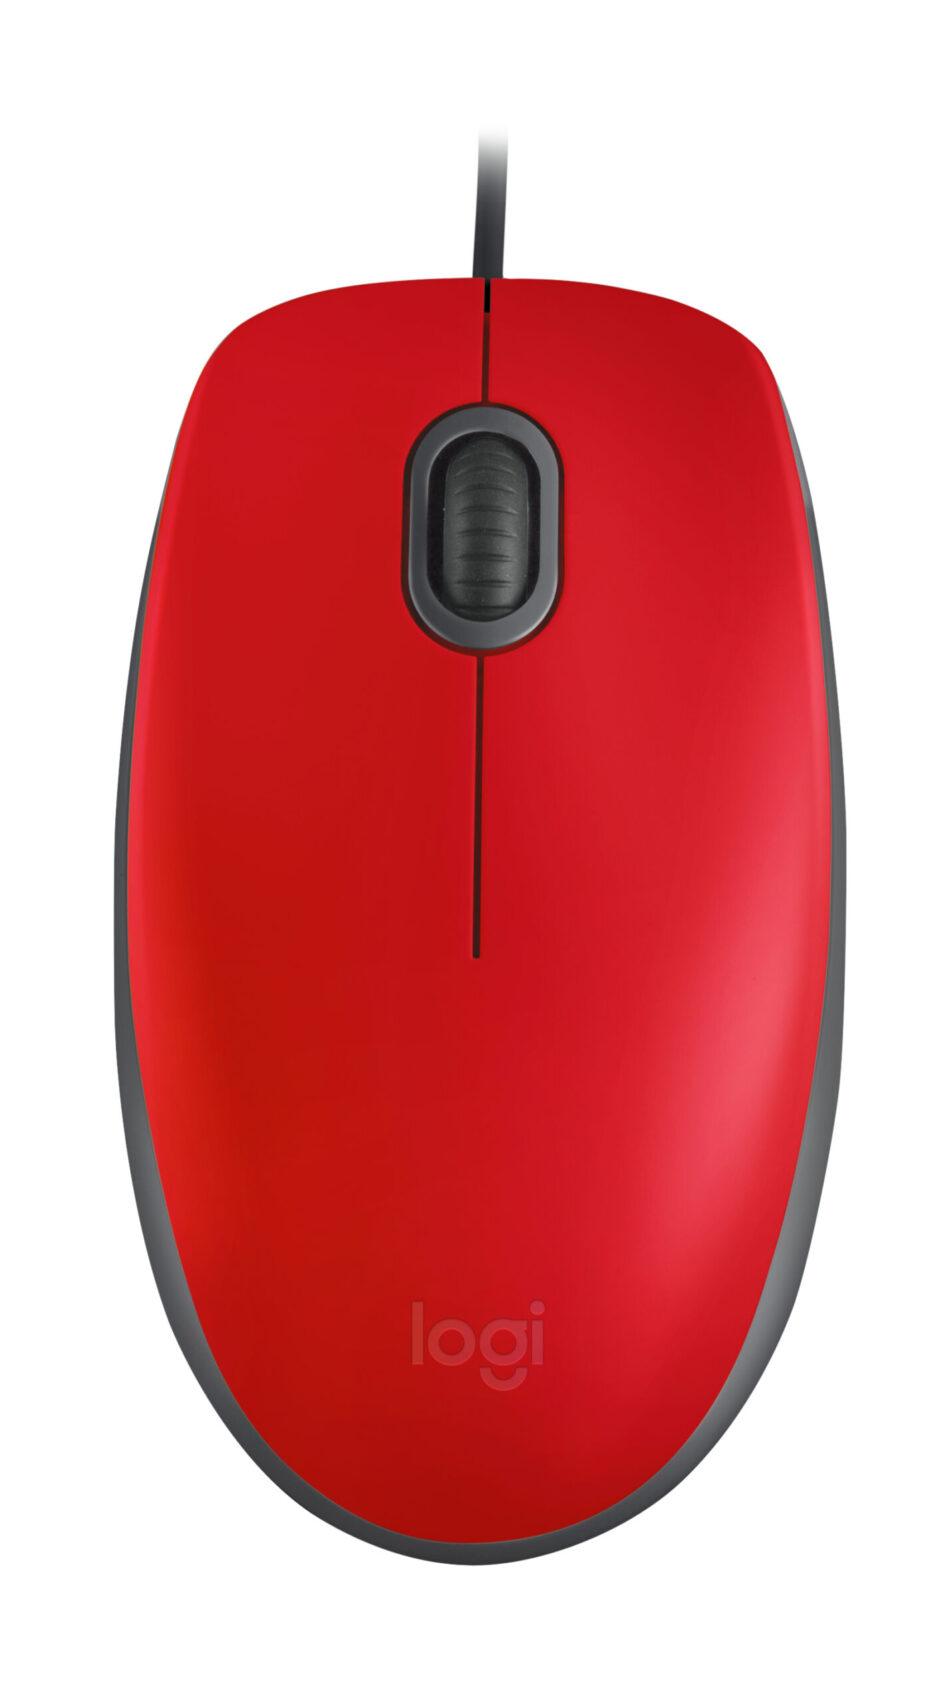 Mouse Logitech M110 Silent Rojo Alámbrico